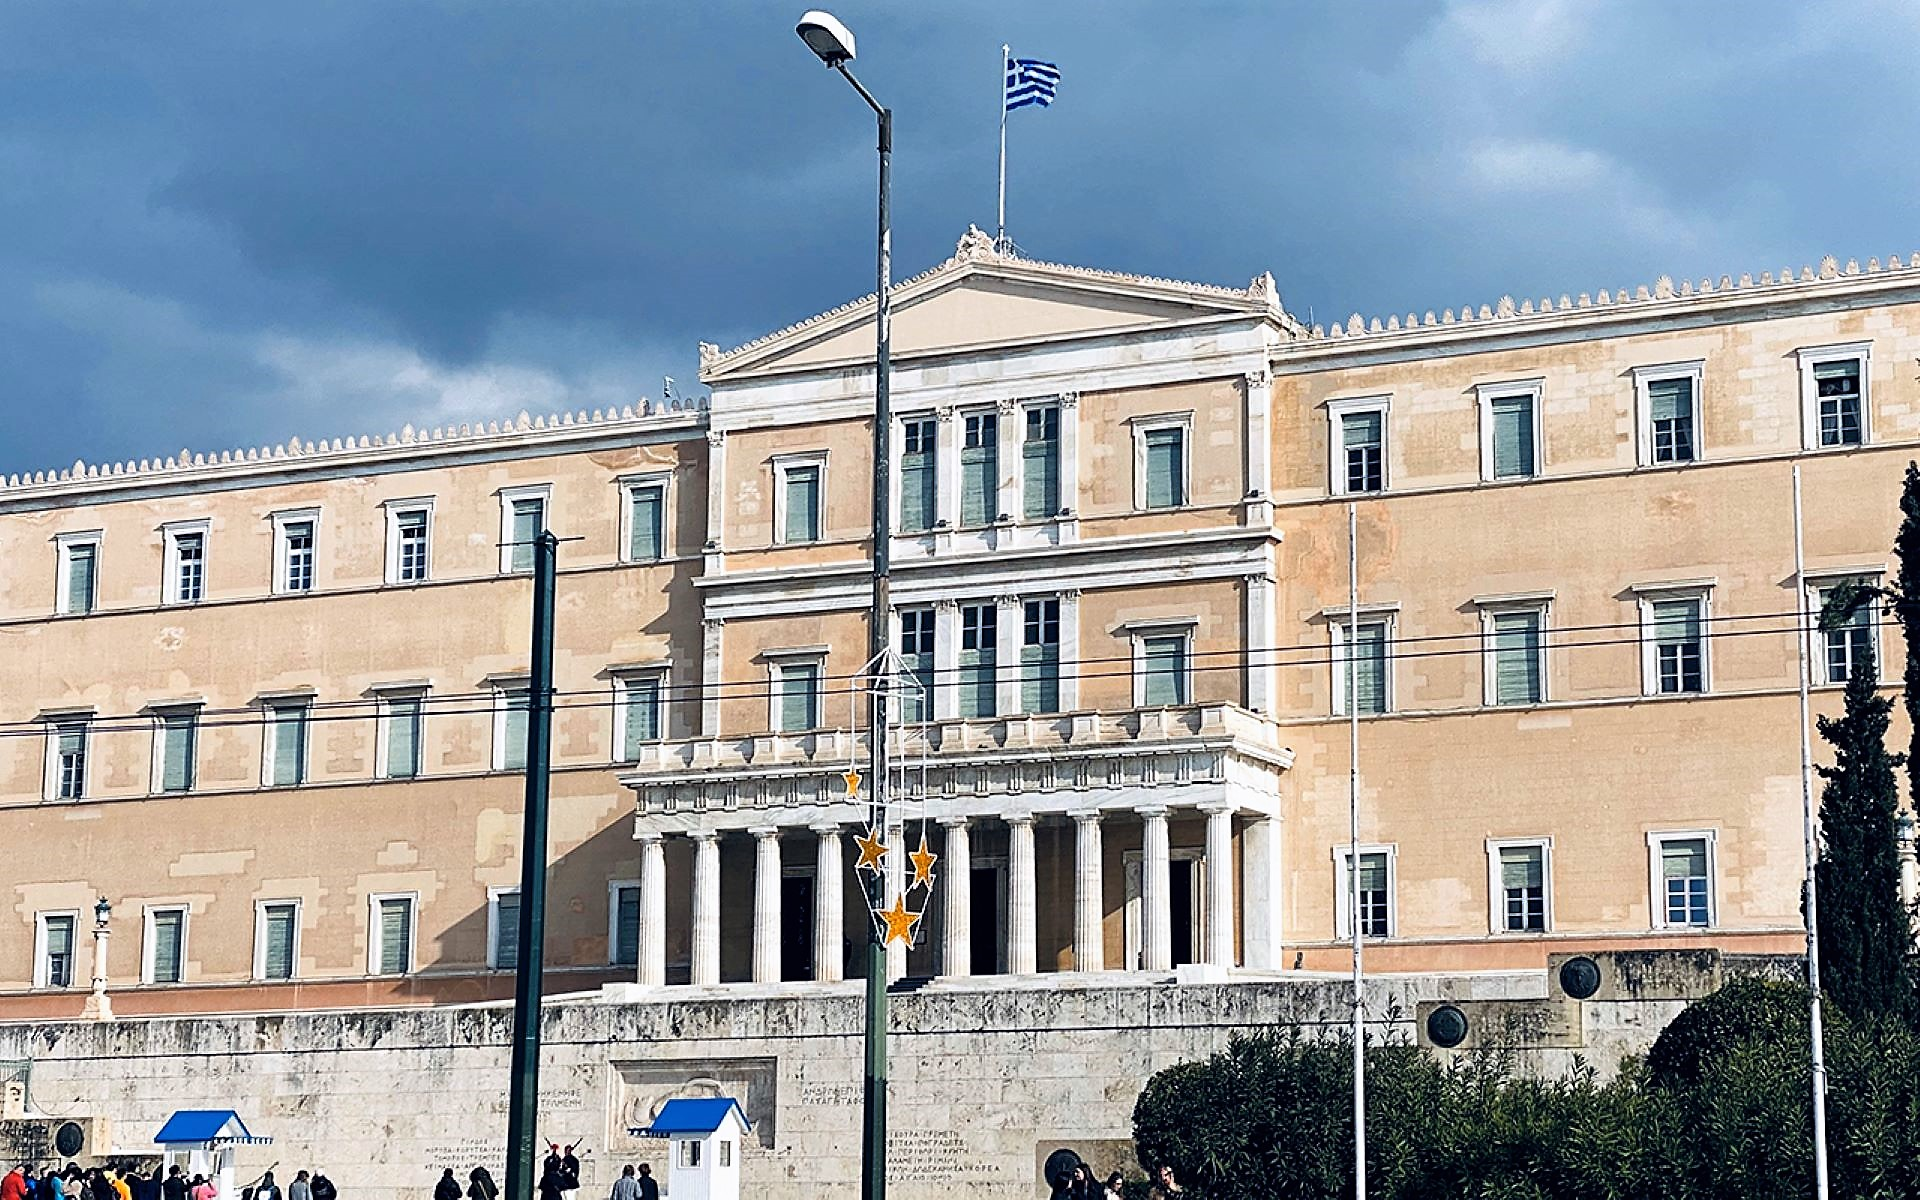 Βουλή: Διαβλητούς καθιστά τους διαγωνισμούς το κατεπείγον νομοσχέδιο του υπουργείου Υγείας